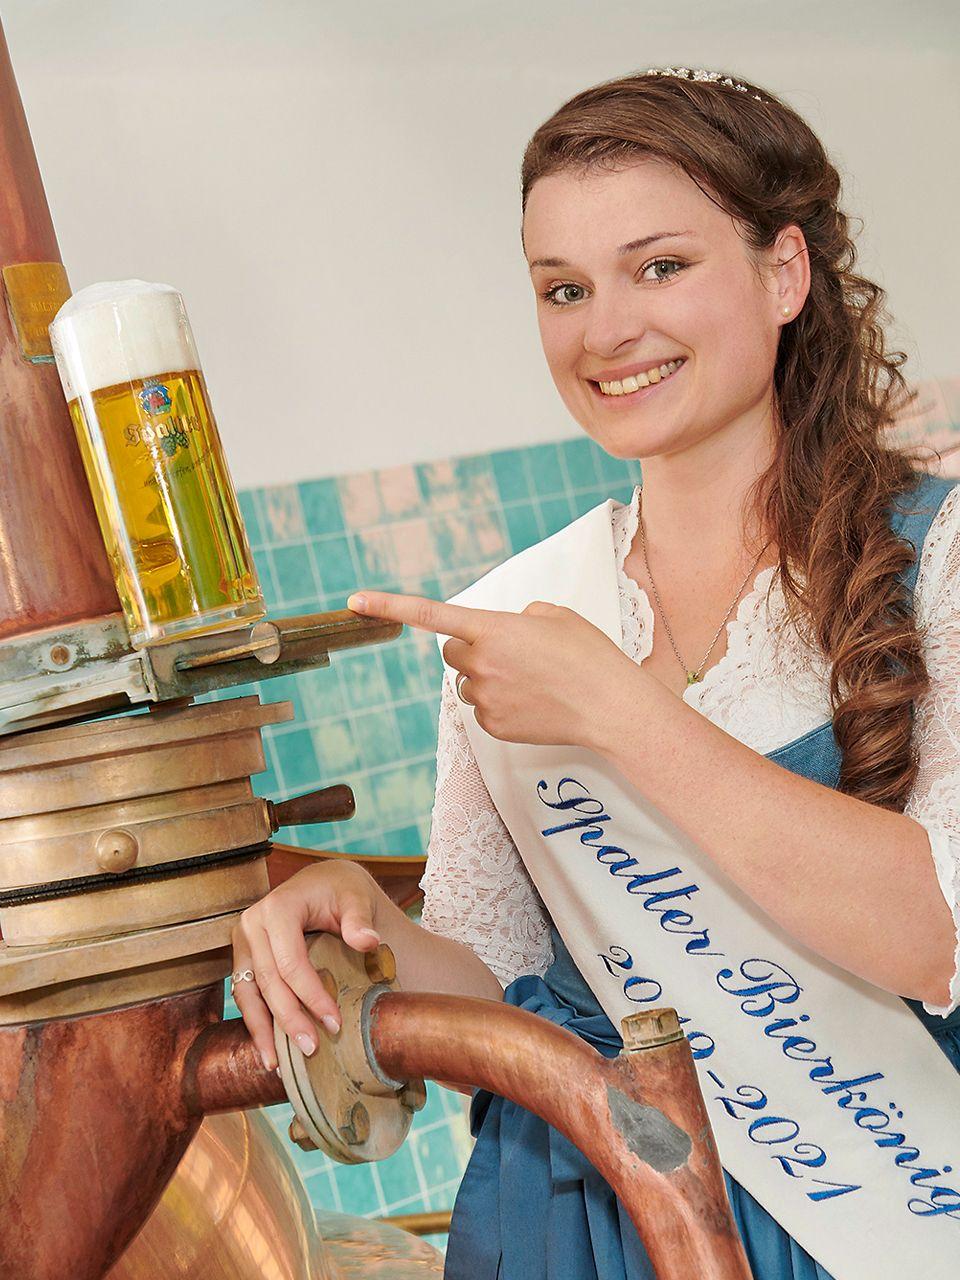 Unsere Bierkönigin im Sudhaus der Spalter Brauerei